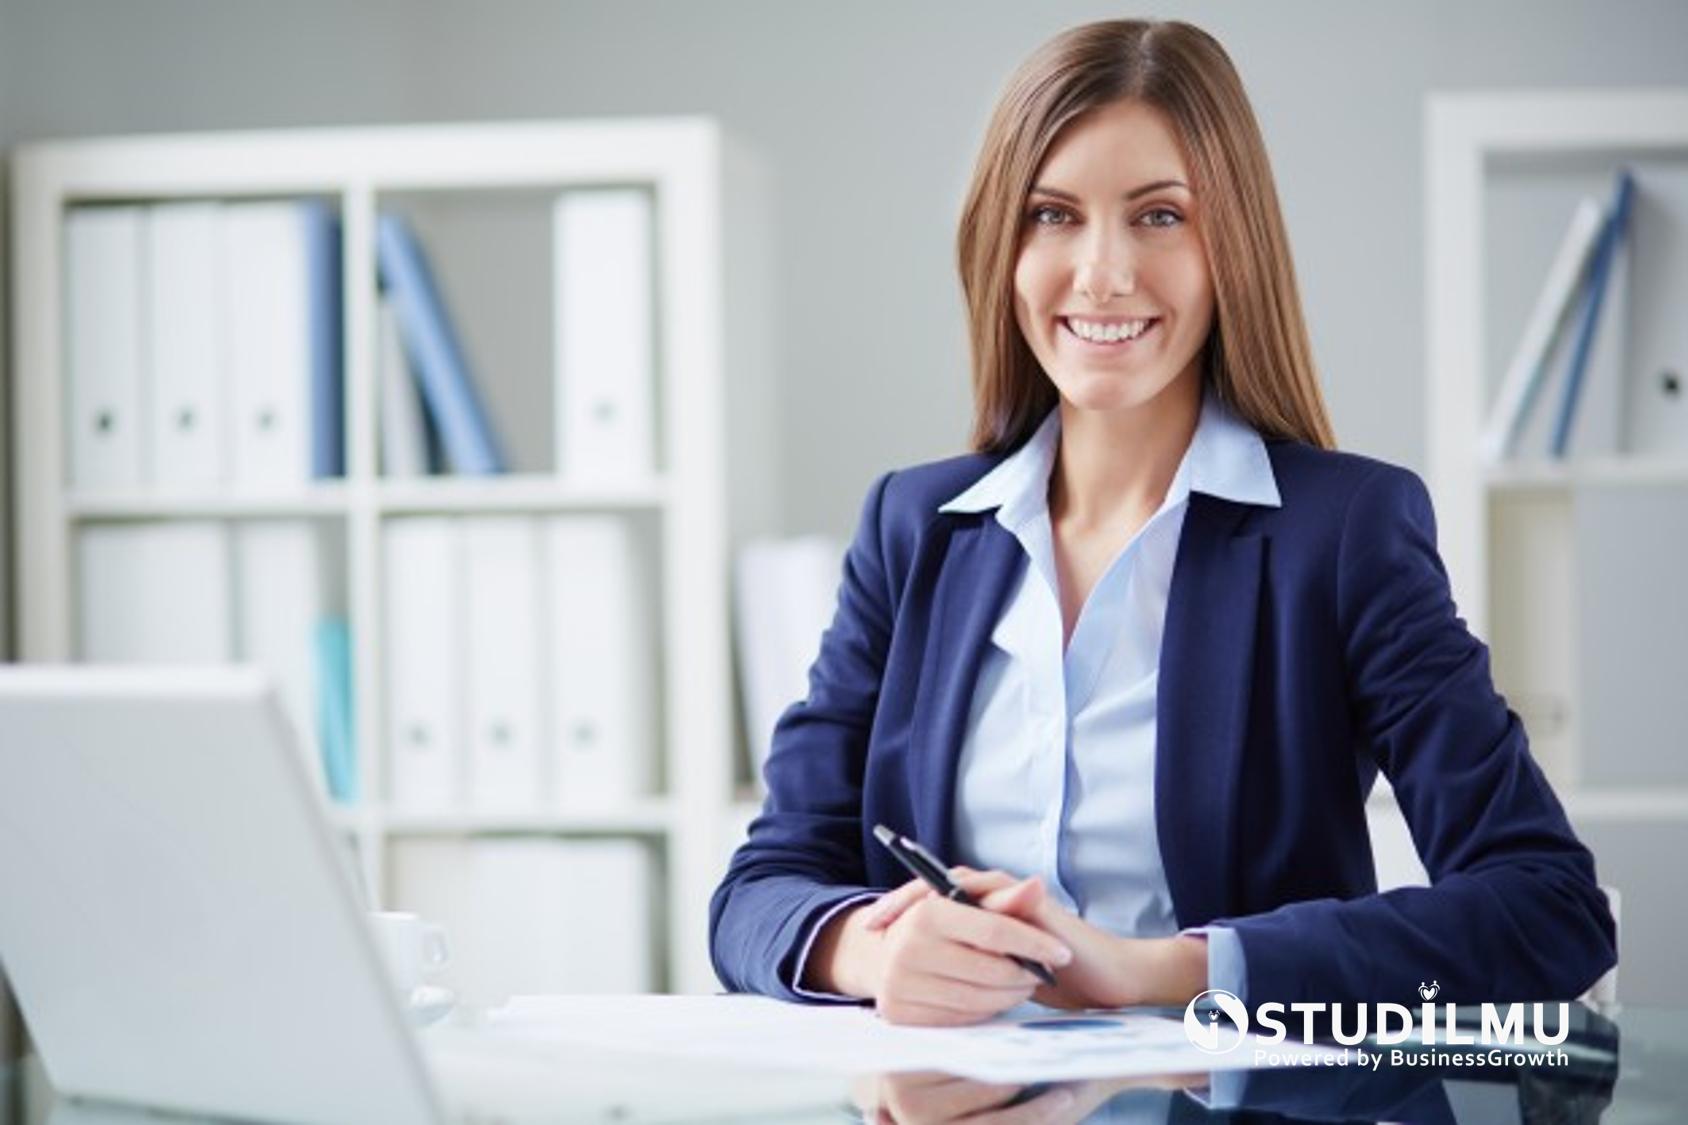 STUDILMU Career Advice - 5 Cara Tampil Menarik Dalam Wawancara Kerja